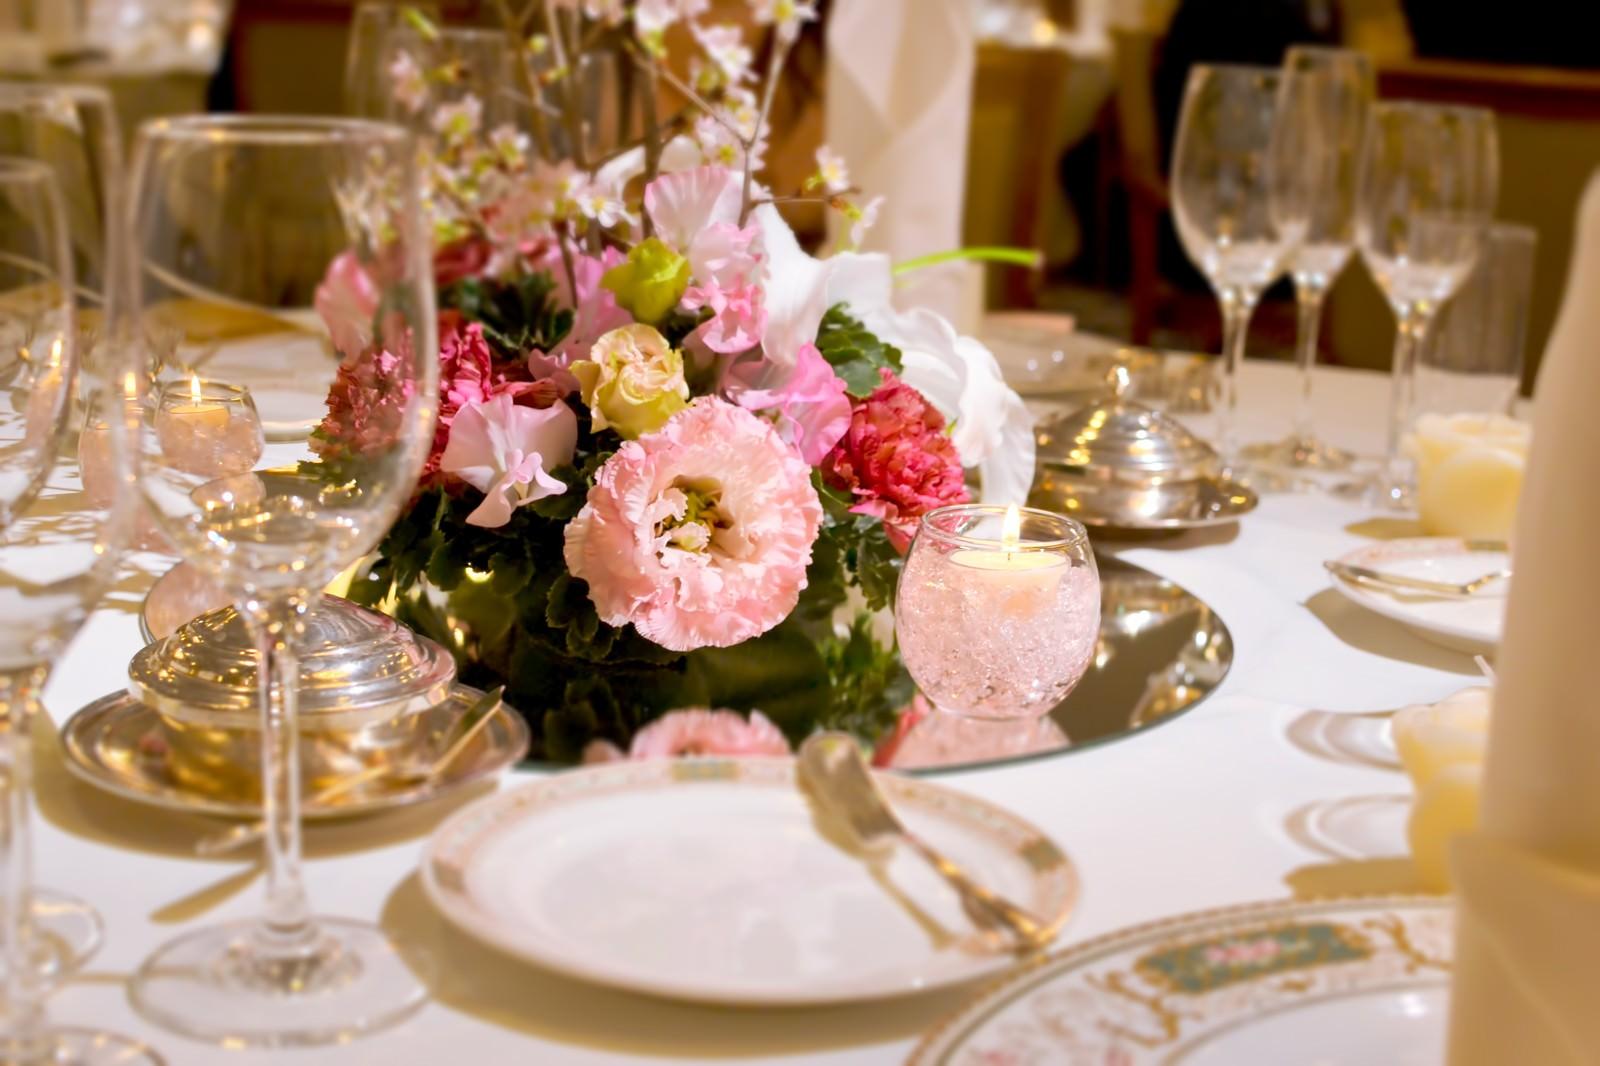 「結婚式・ウェディングのテーブルセット」の写真